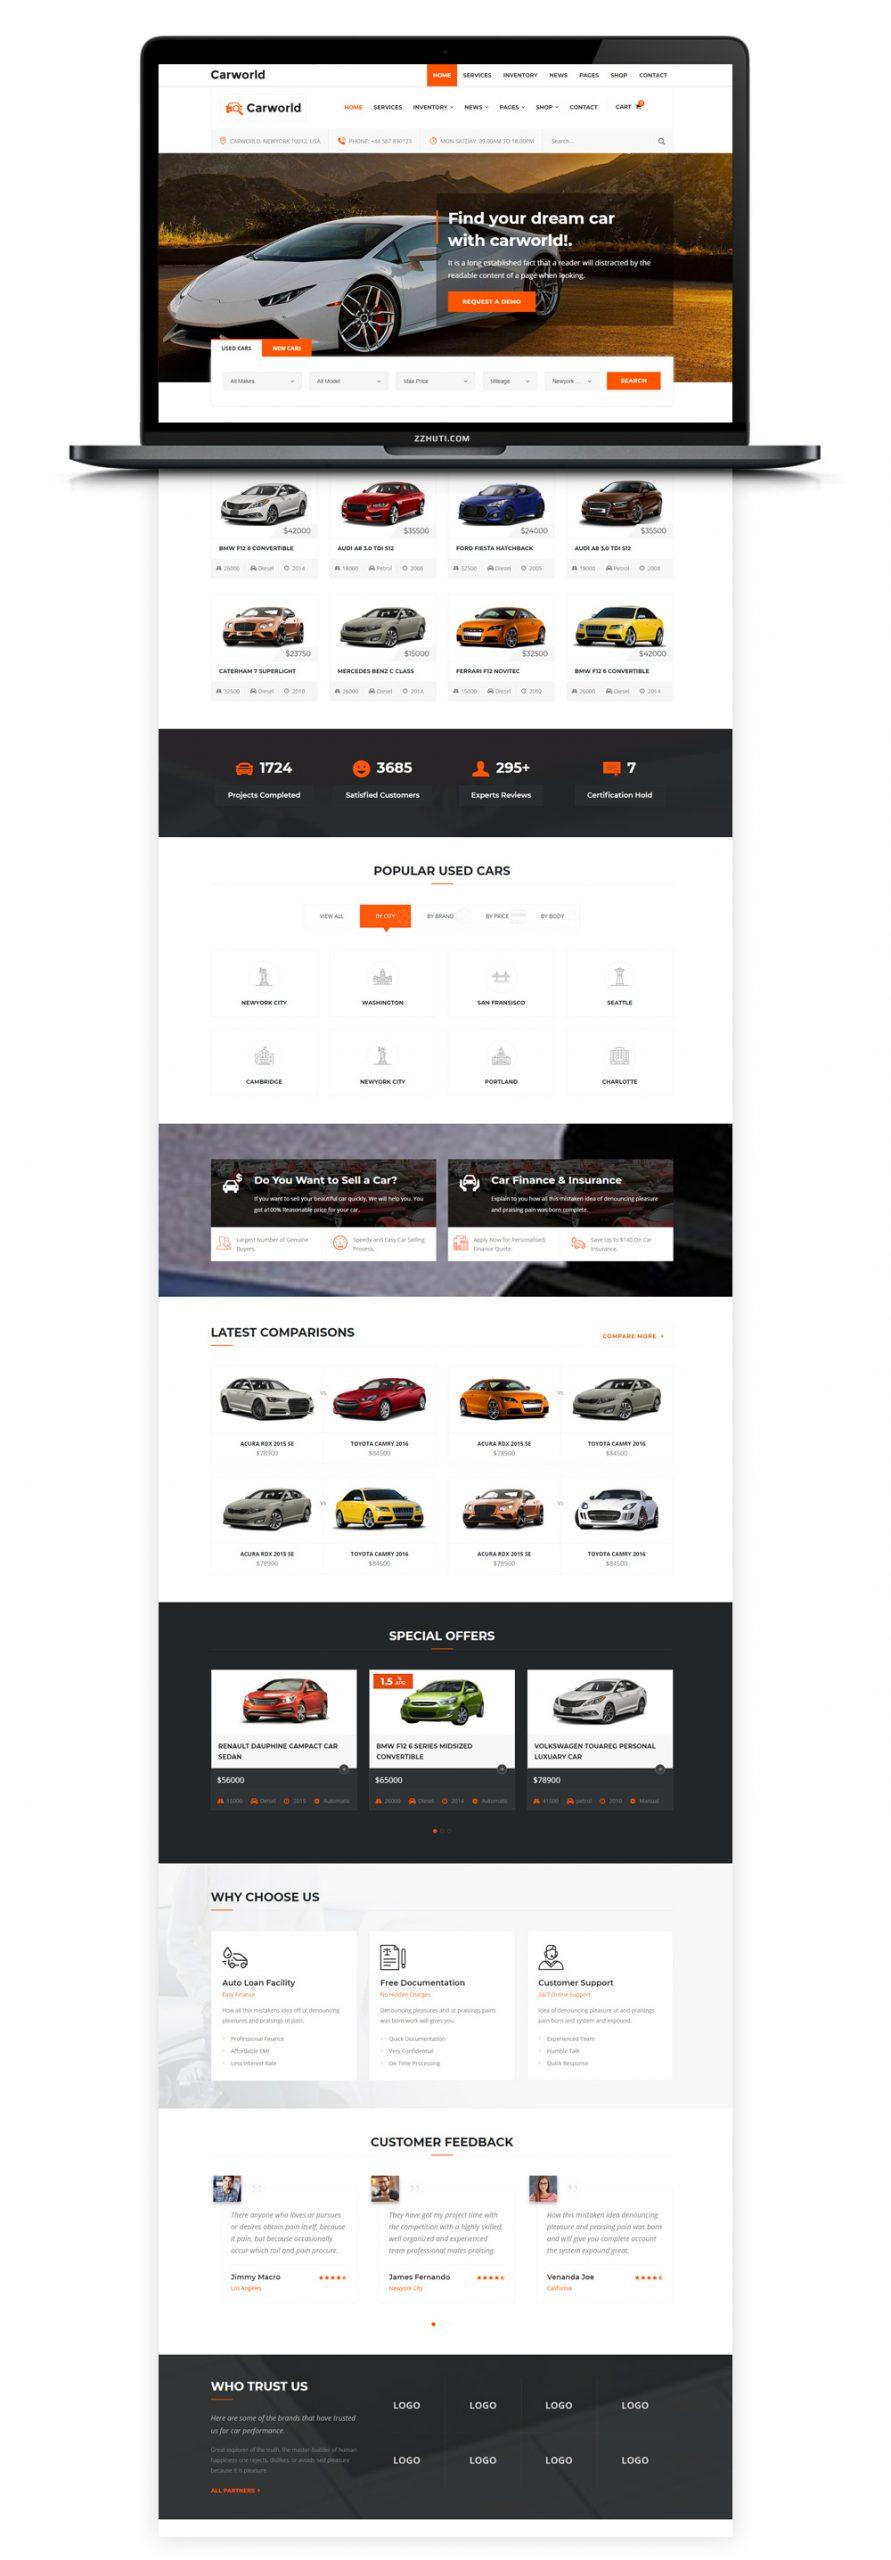 【汽车销售HTML网页】橘色空气Bootstrap响应式网站汽车贸易汽车4S店网站模版插图